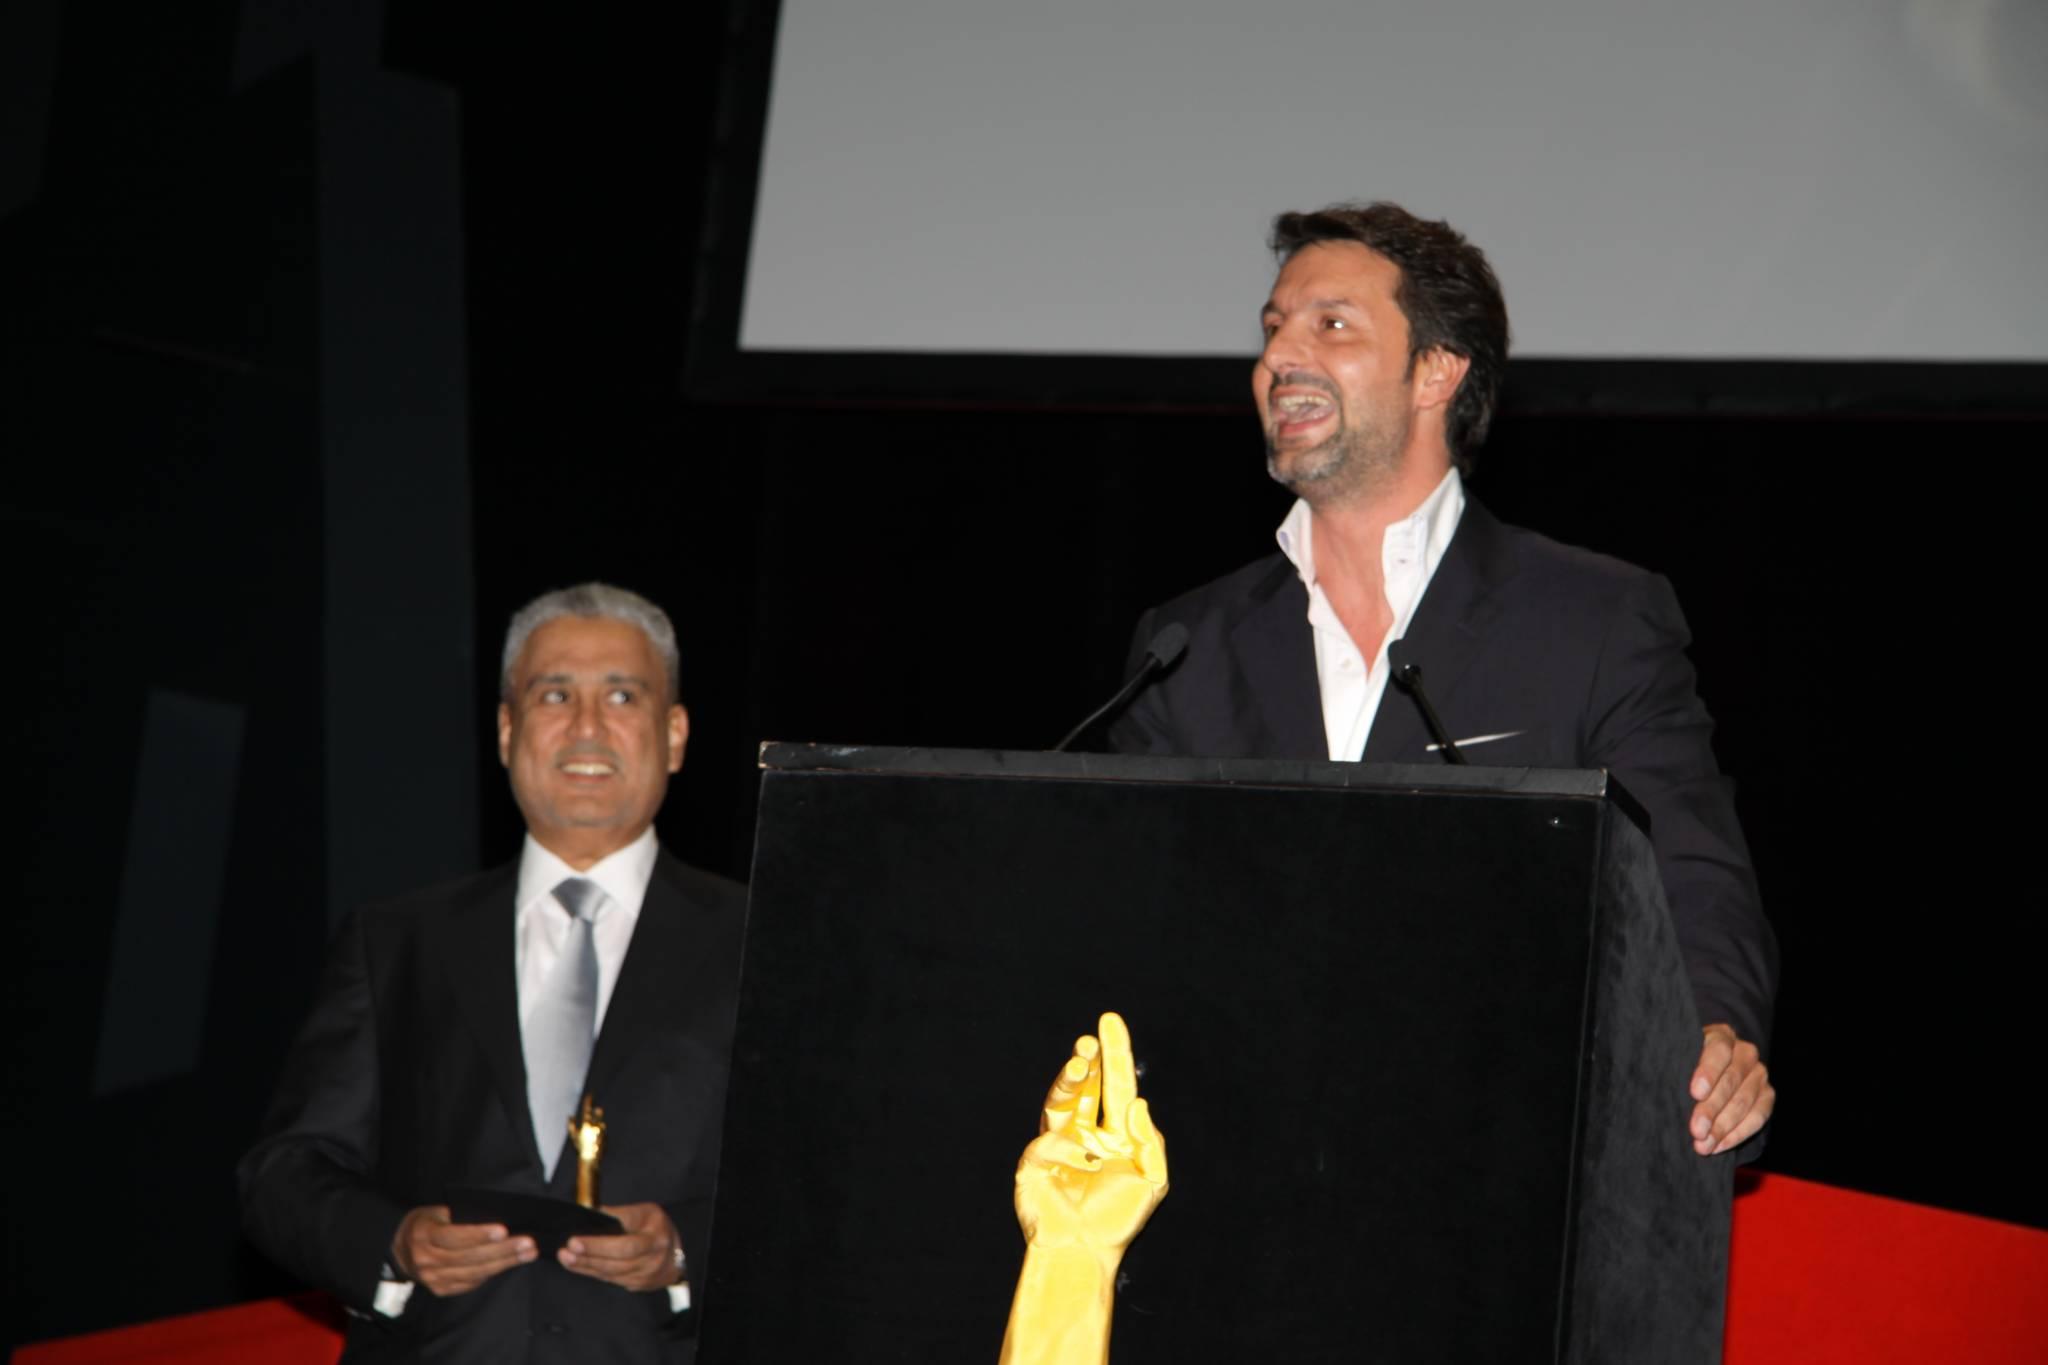 Maximilian Busser, CEO de MB&F (premier plan) et Abdul Hamied Seddiqi, vice-président de Seddiqi & Sons, cérémonie 2010